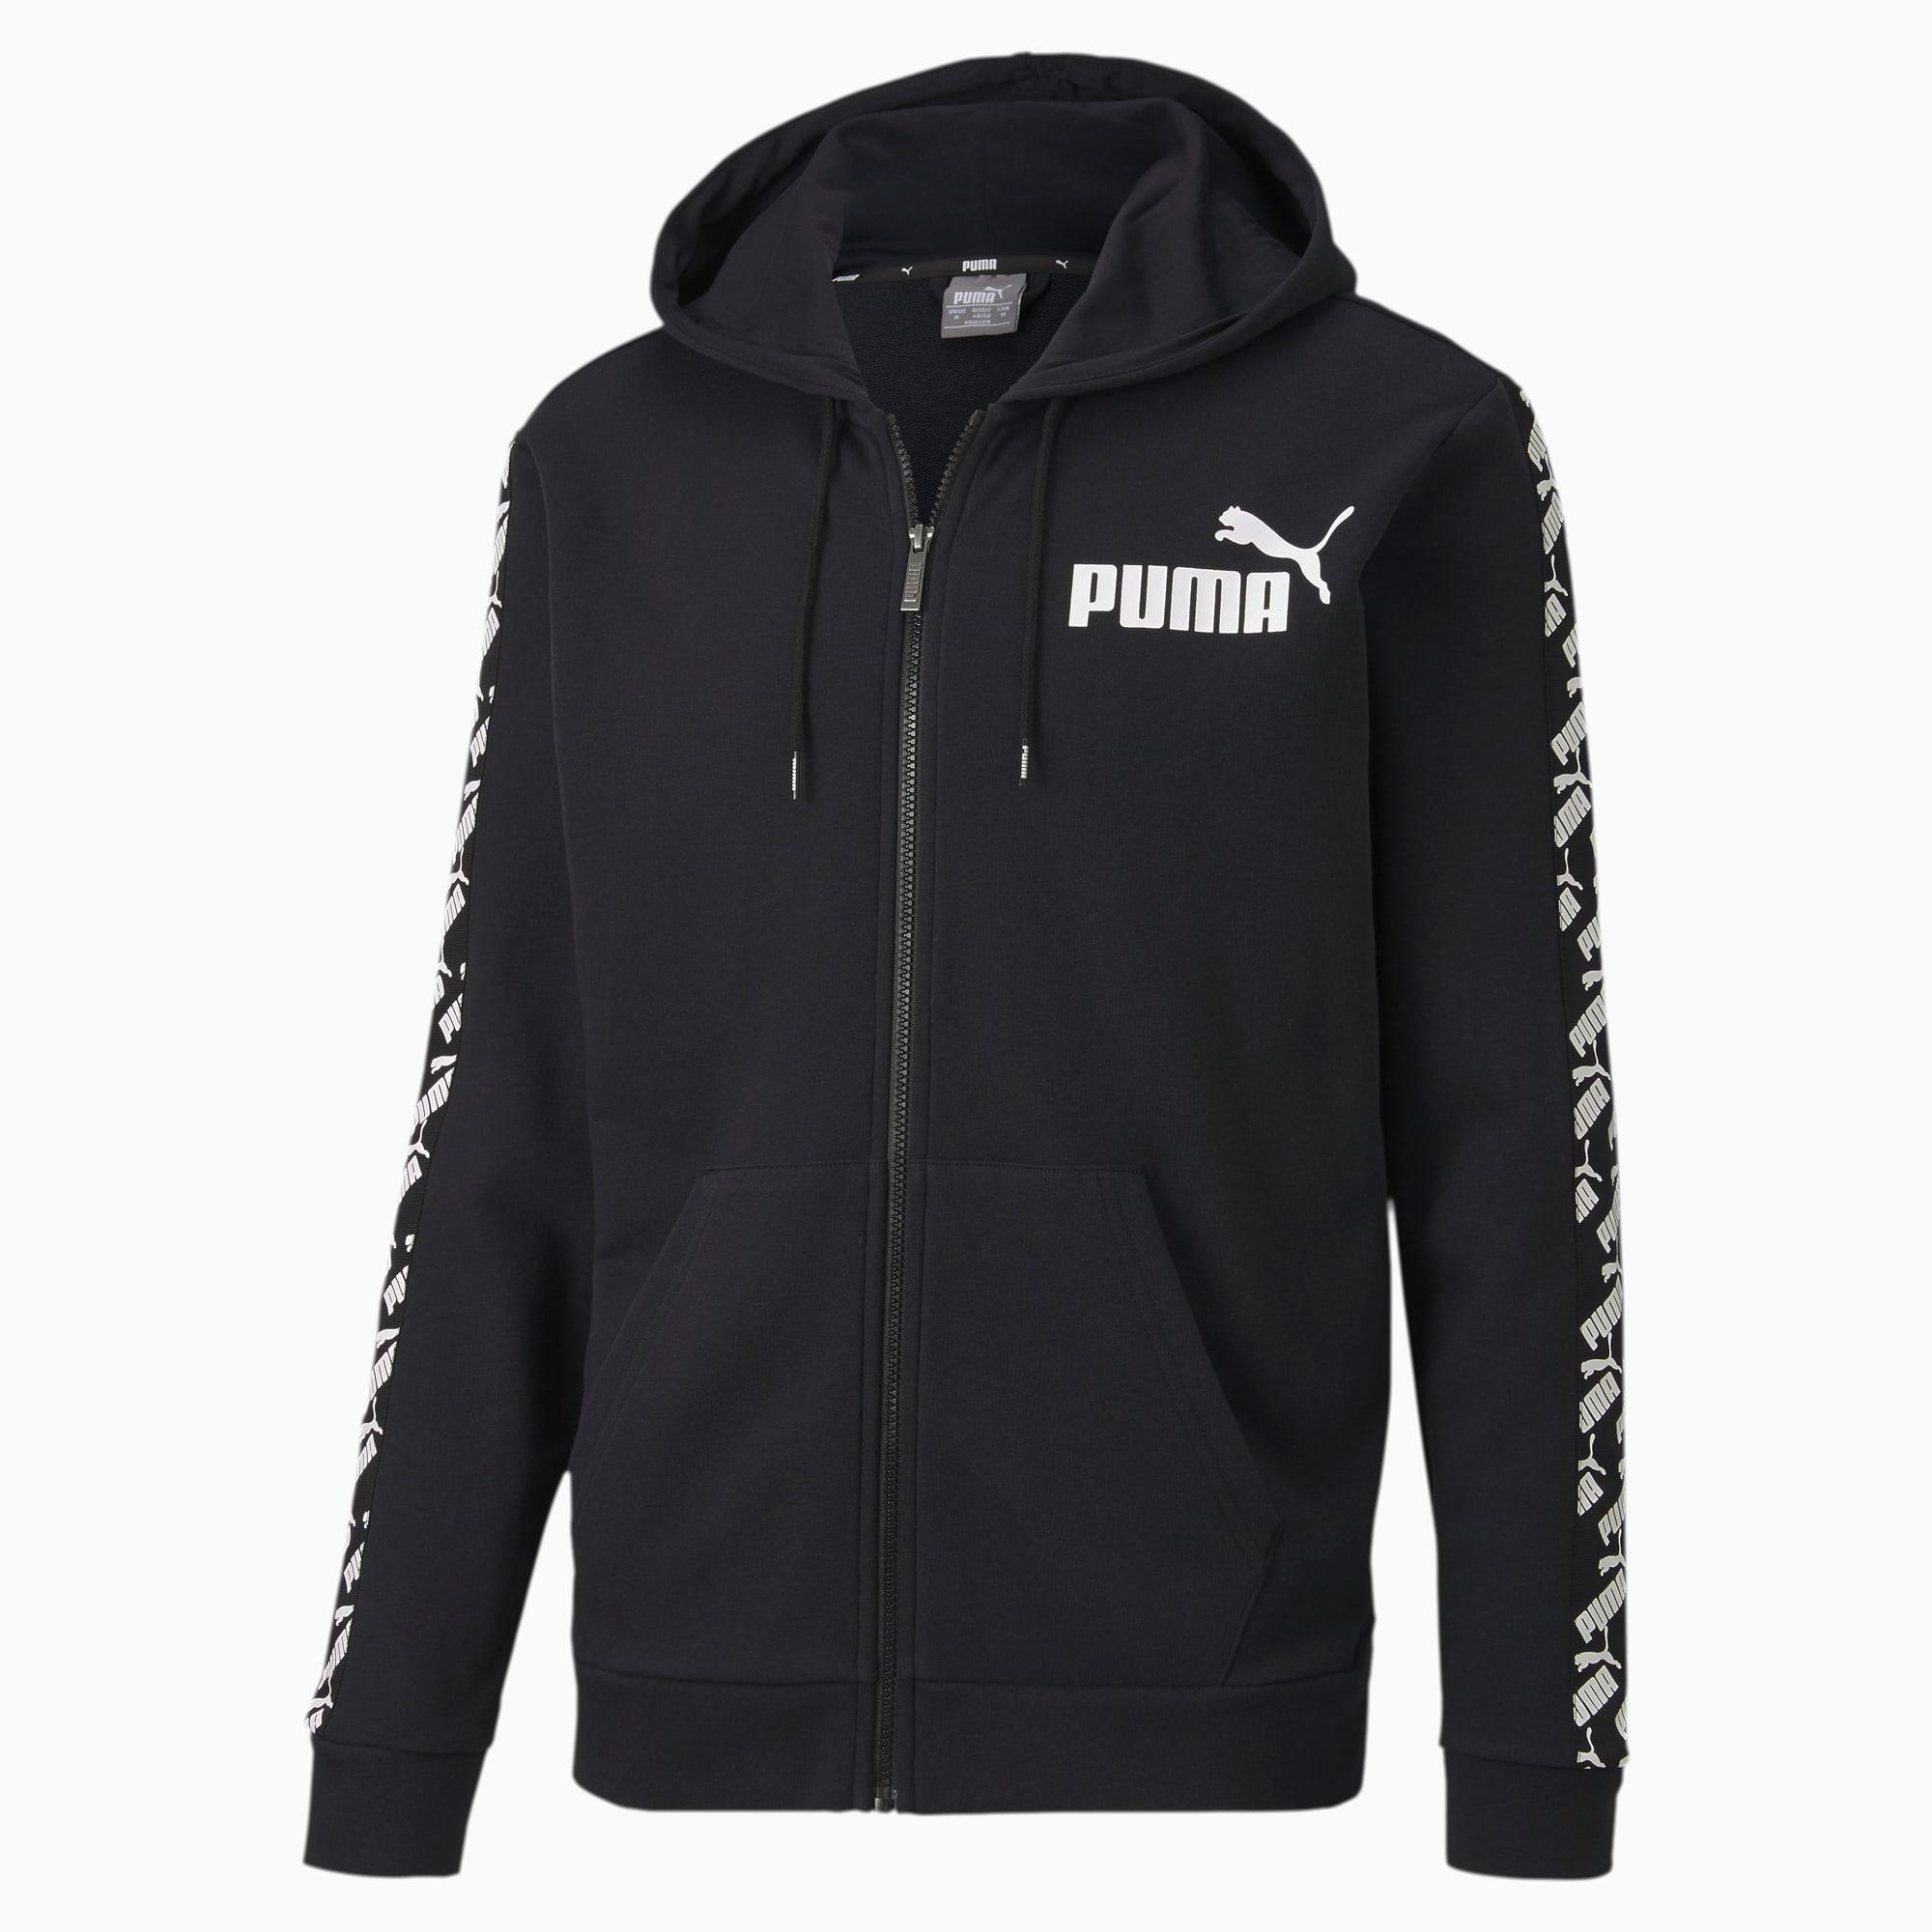 Sweat-shirt à Capuche Puma Amplified Training pour Hommes - Tailles au choix